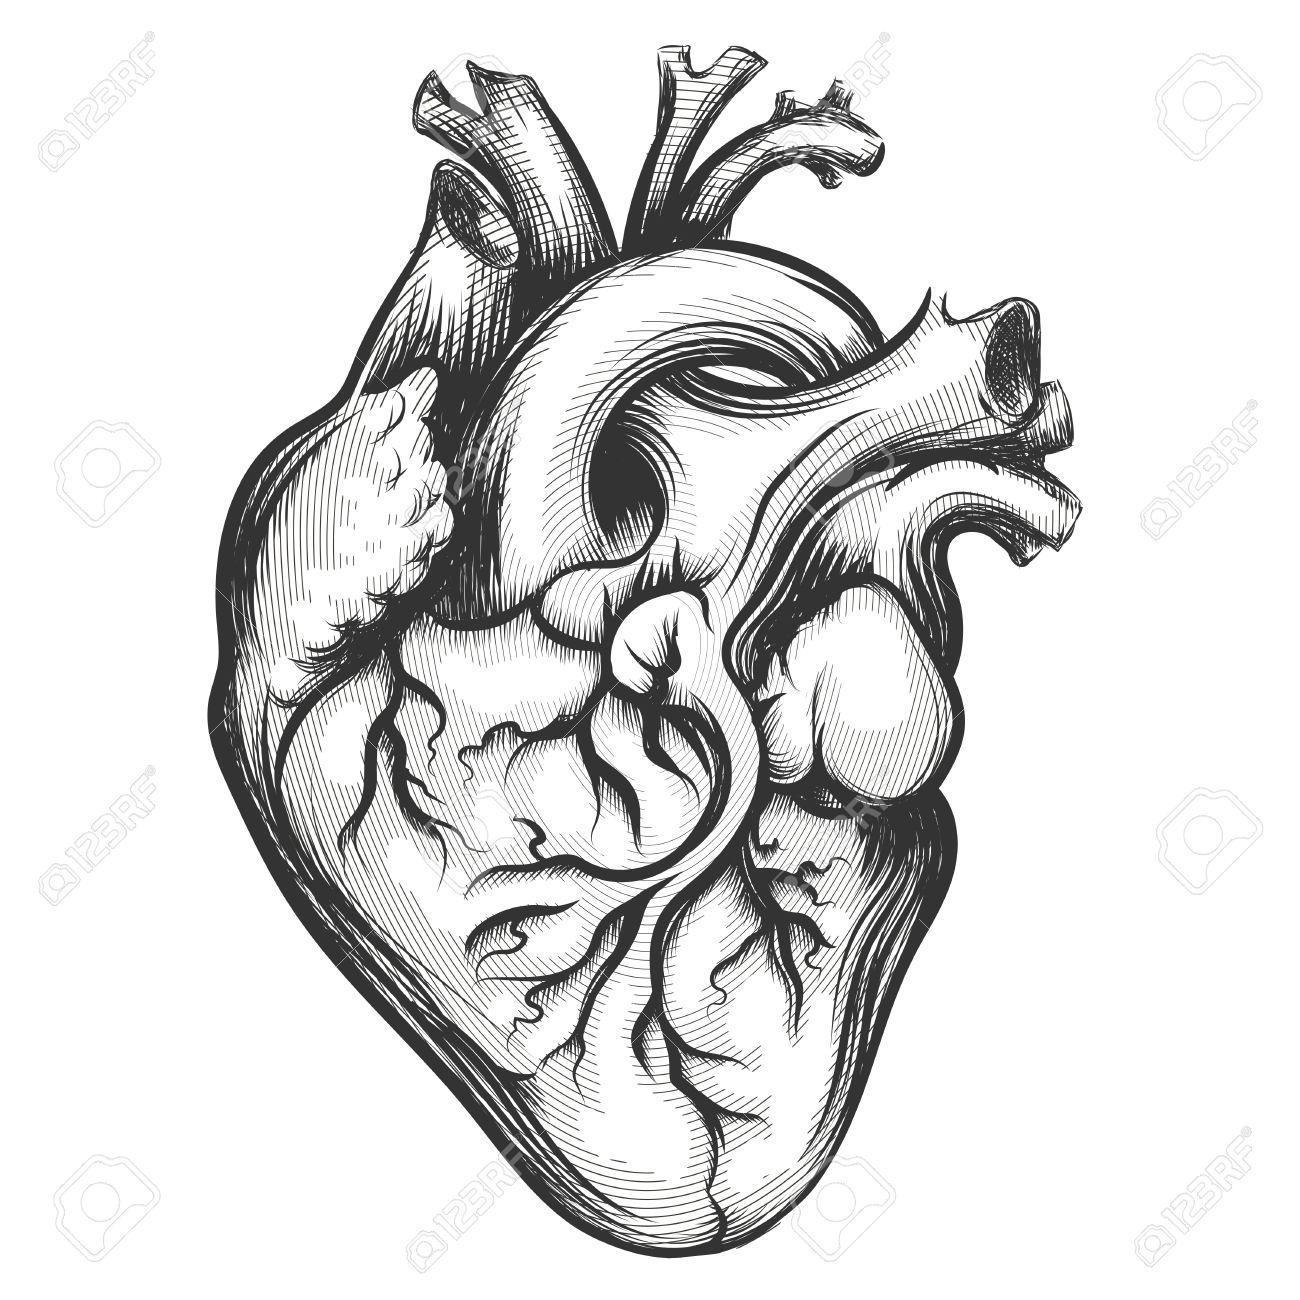 Dessin Coeur Humain coeur humain dessiné dans le style de gravure isolé sur un fond